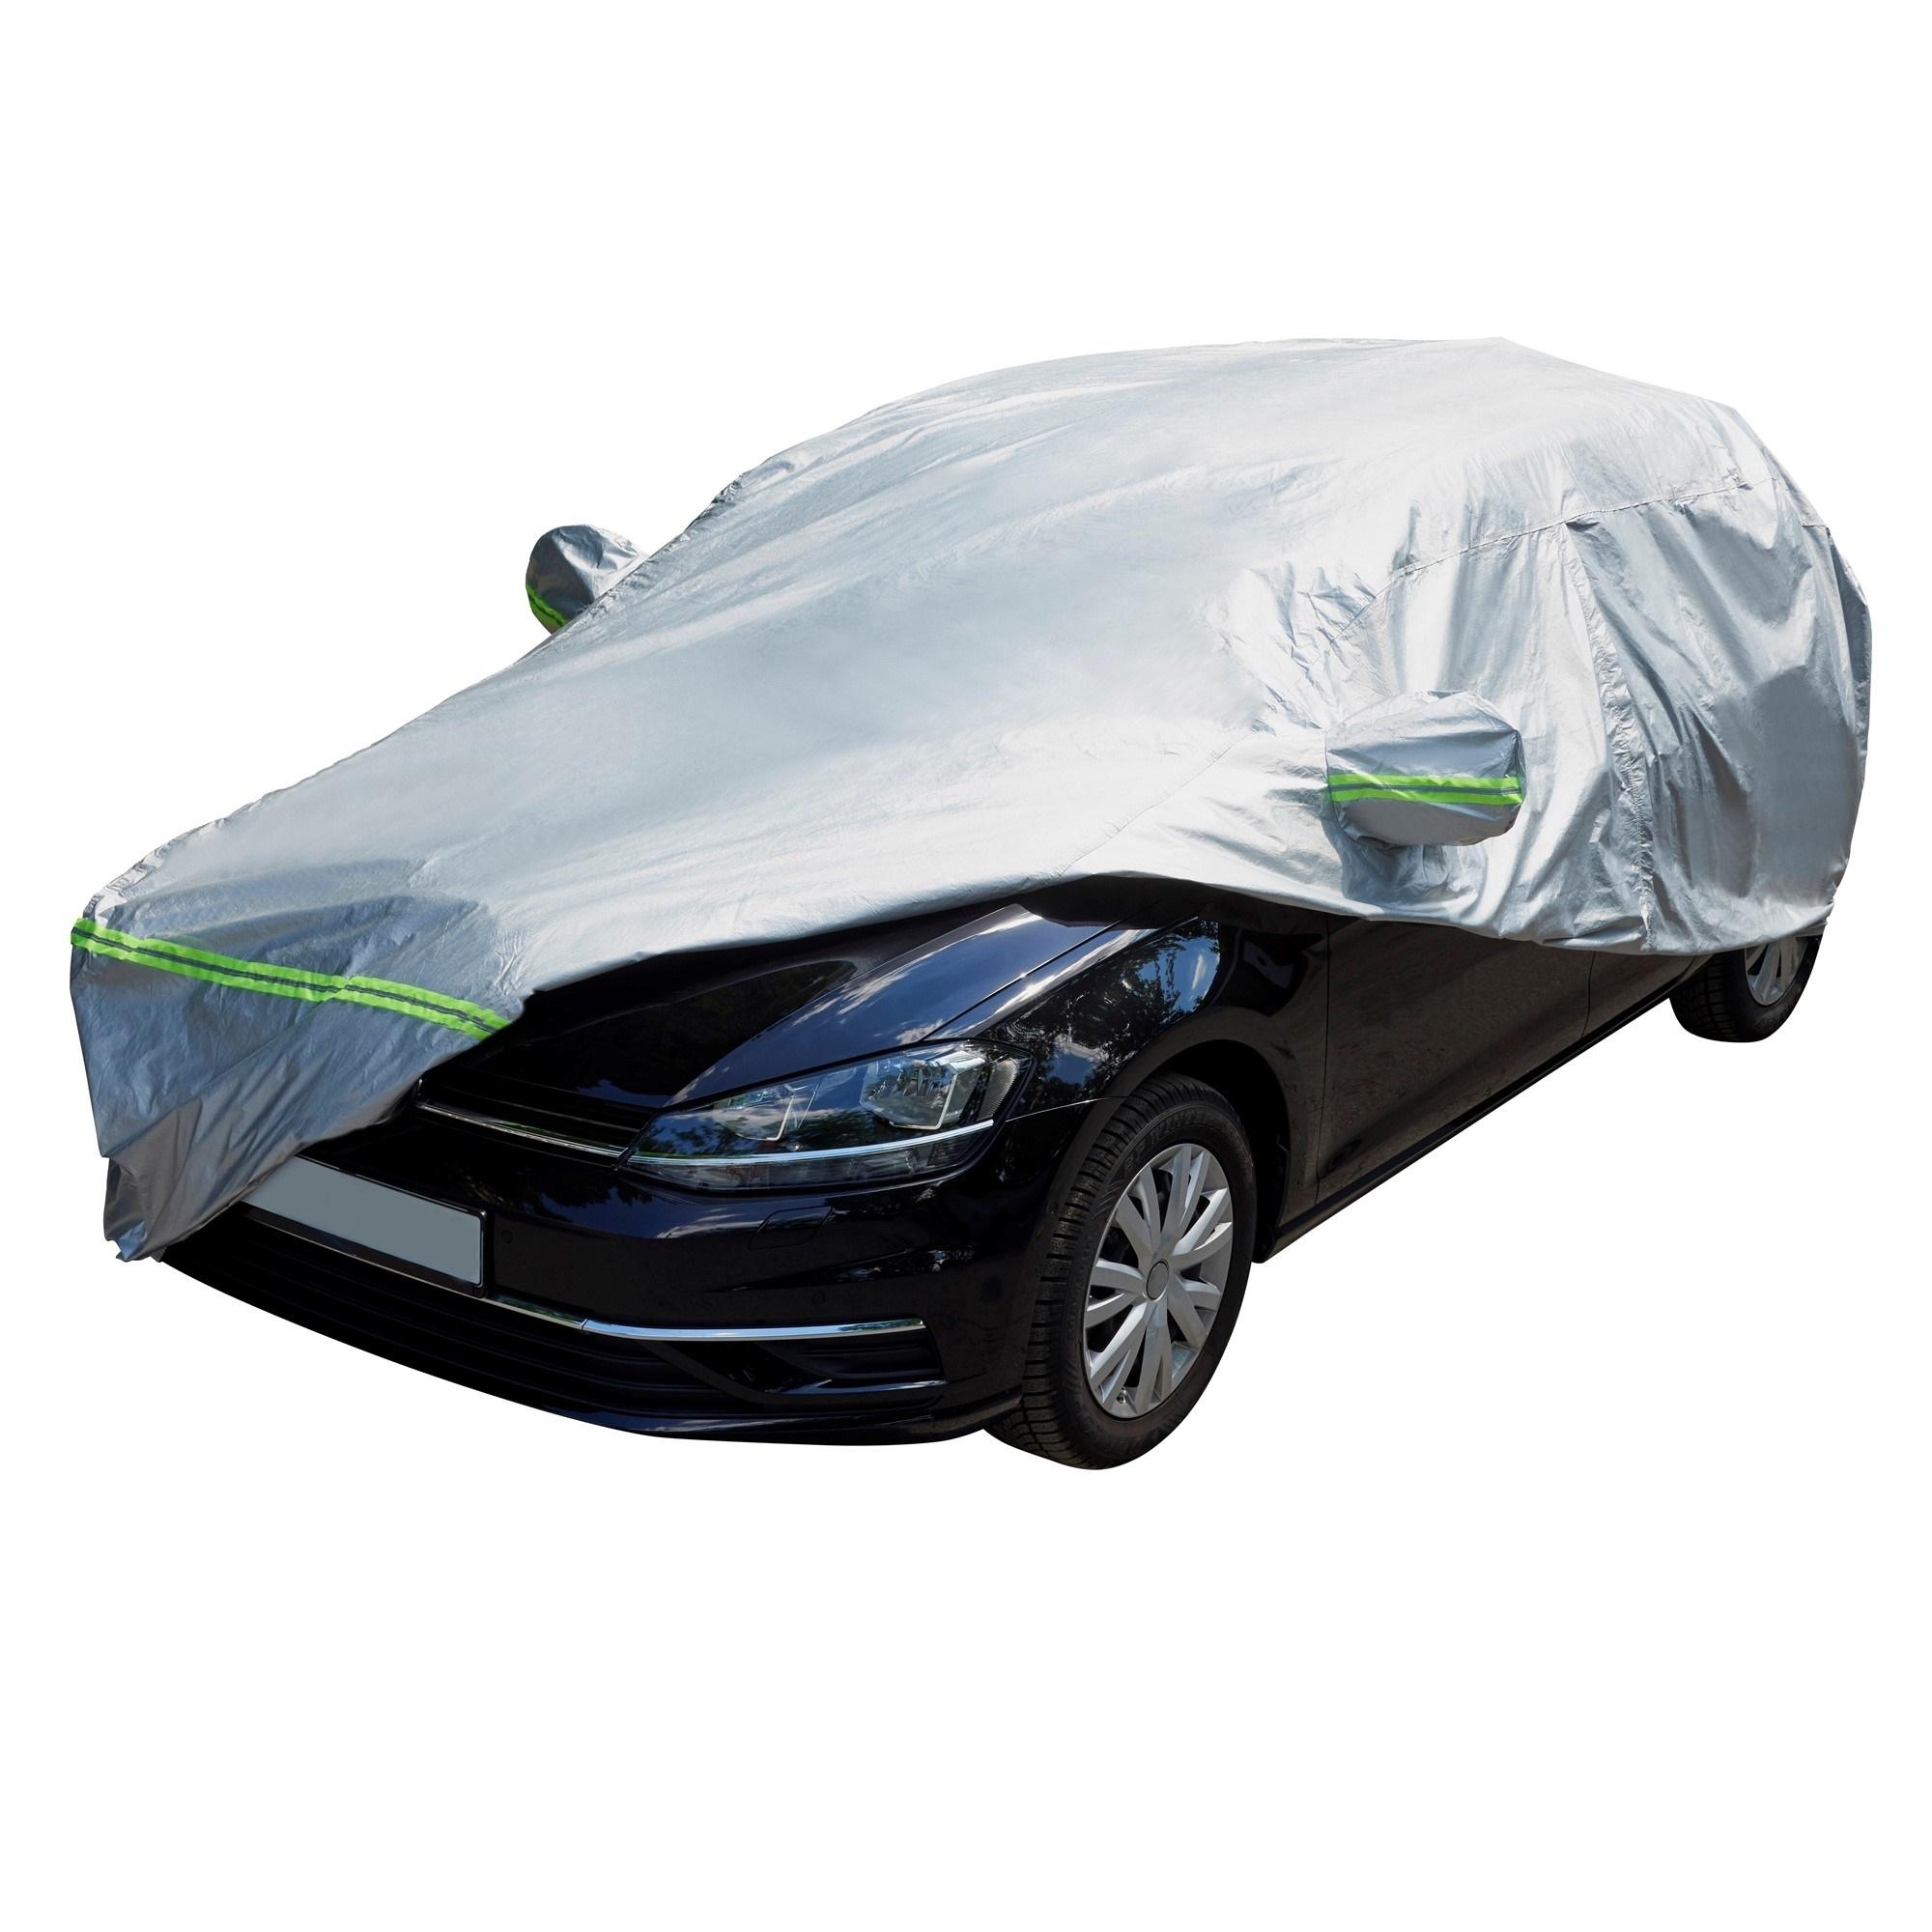 Helgarage til bil Str. M - Mål: L500xB190xH150 cm Udvendig tilbehør